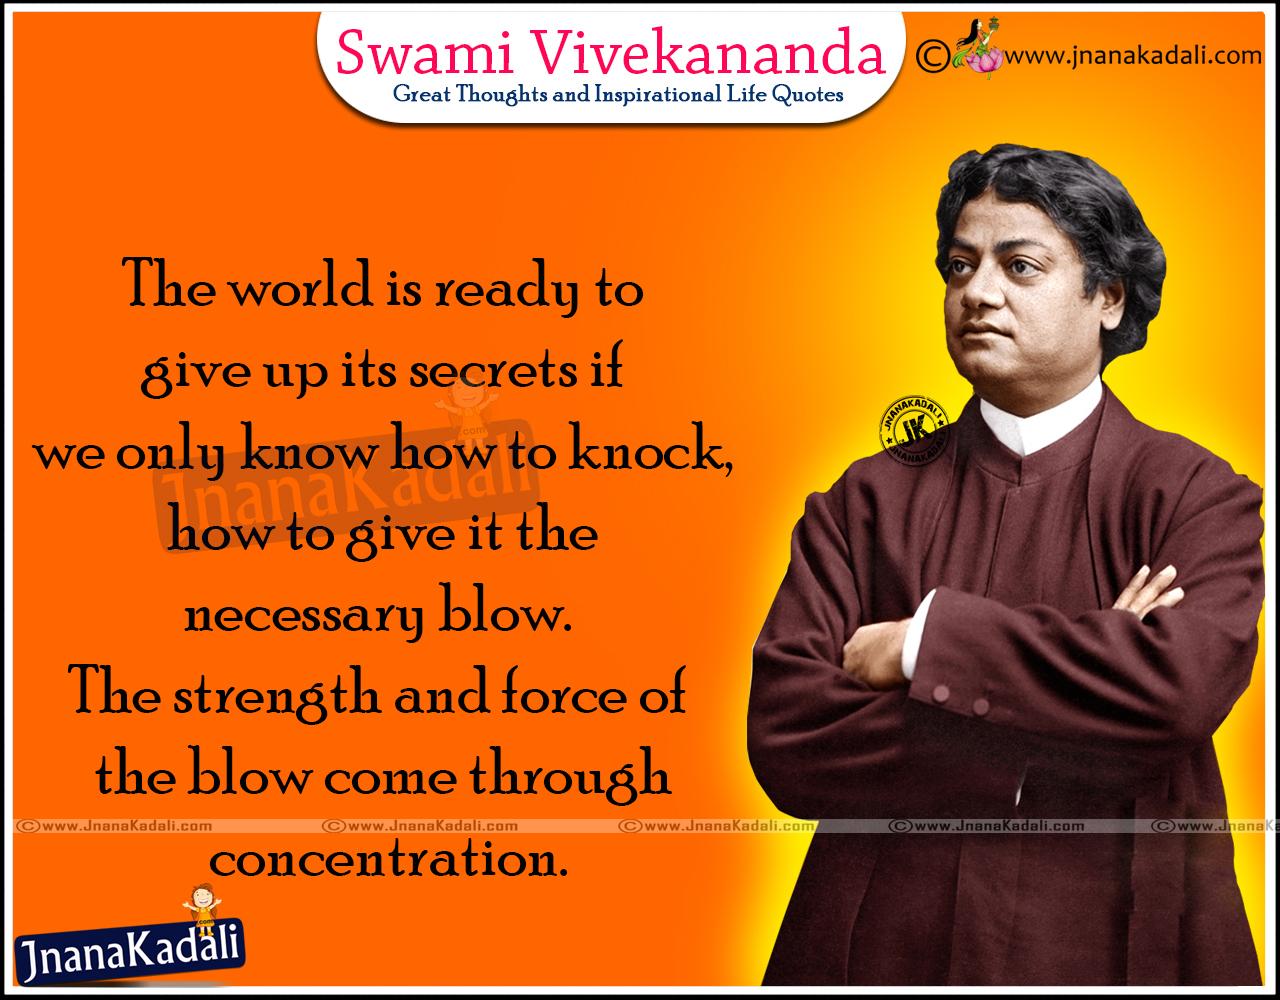 swami vivekananda quotes in hindi hd wallpapers best quote swami vivekananda telugu 376658 hd wallpaper backgrounds download swami vivekananda quotes in hindi hd